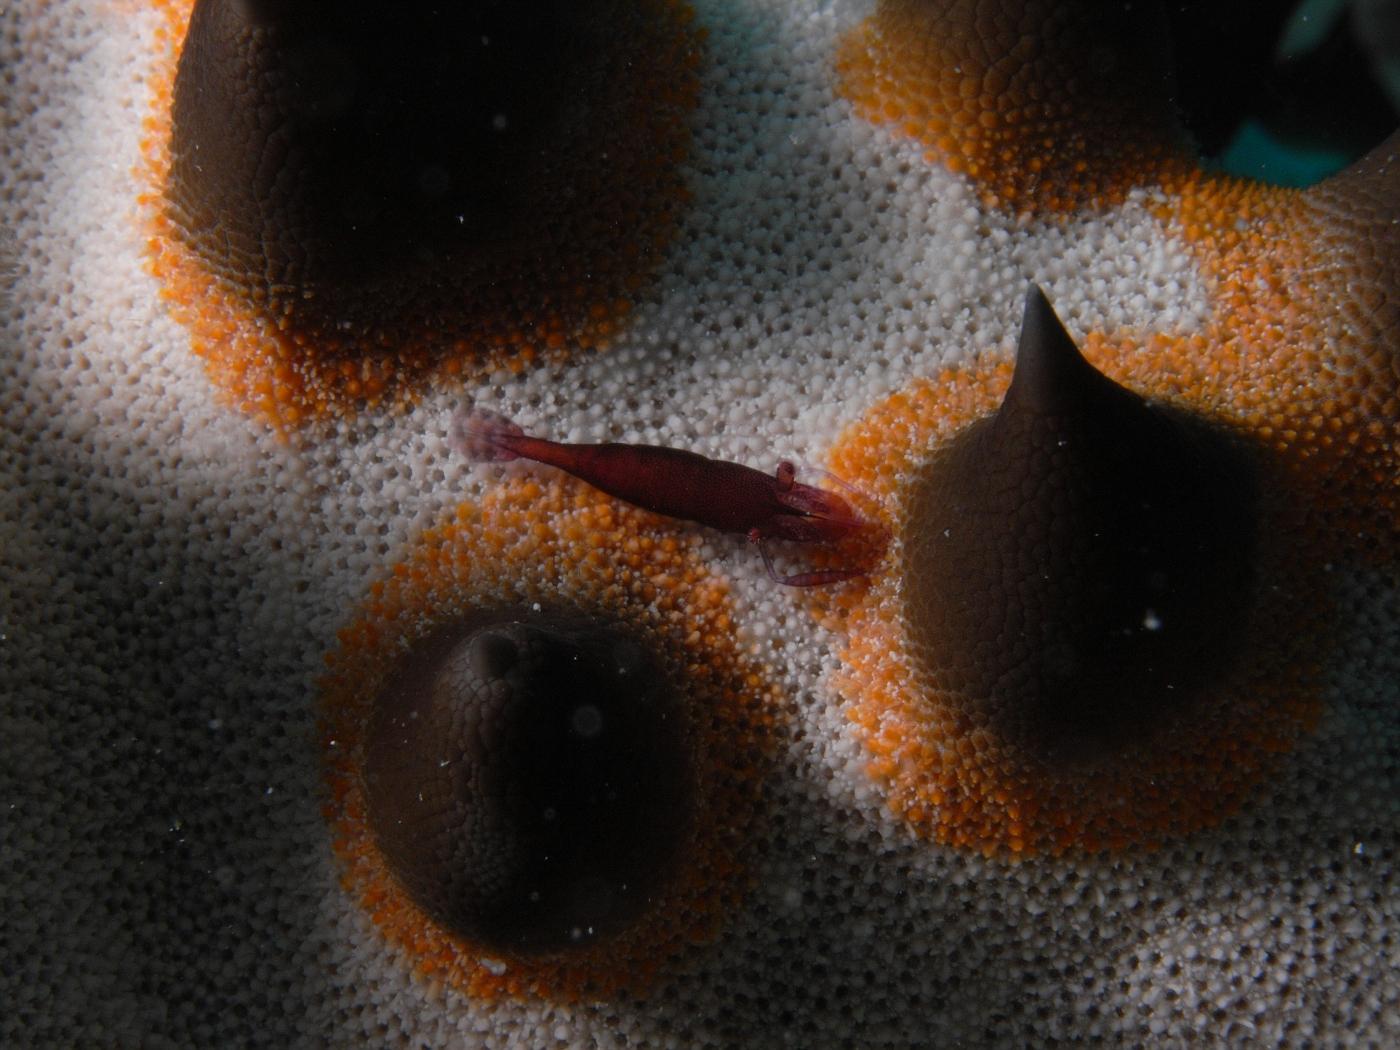 Shrimp on Lumpy Starfish